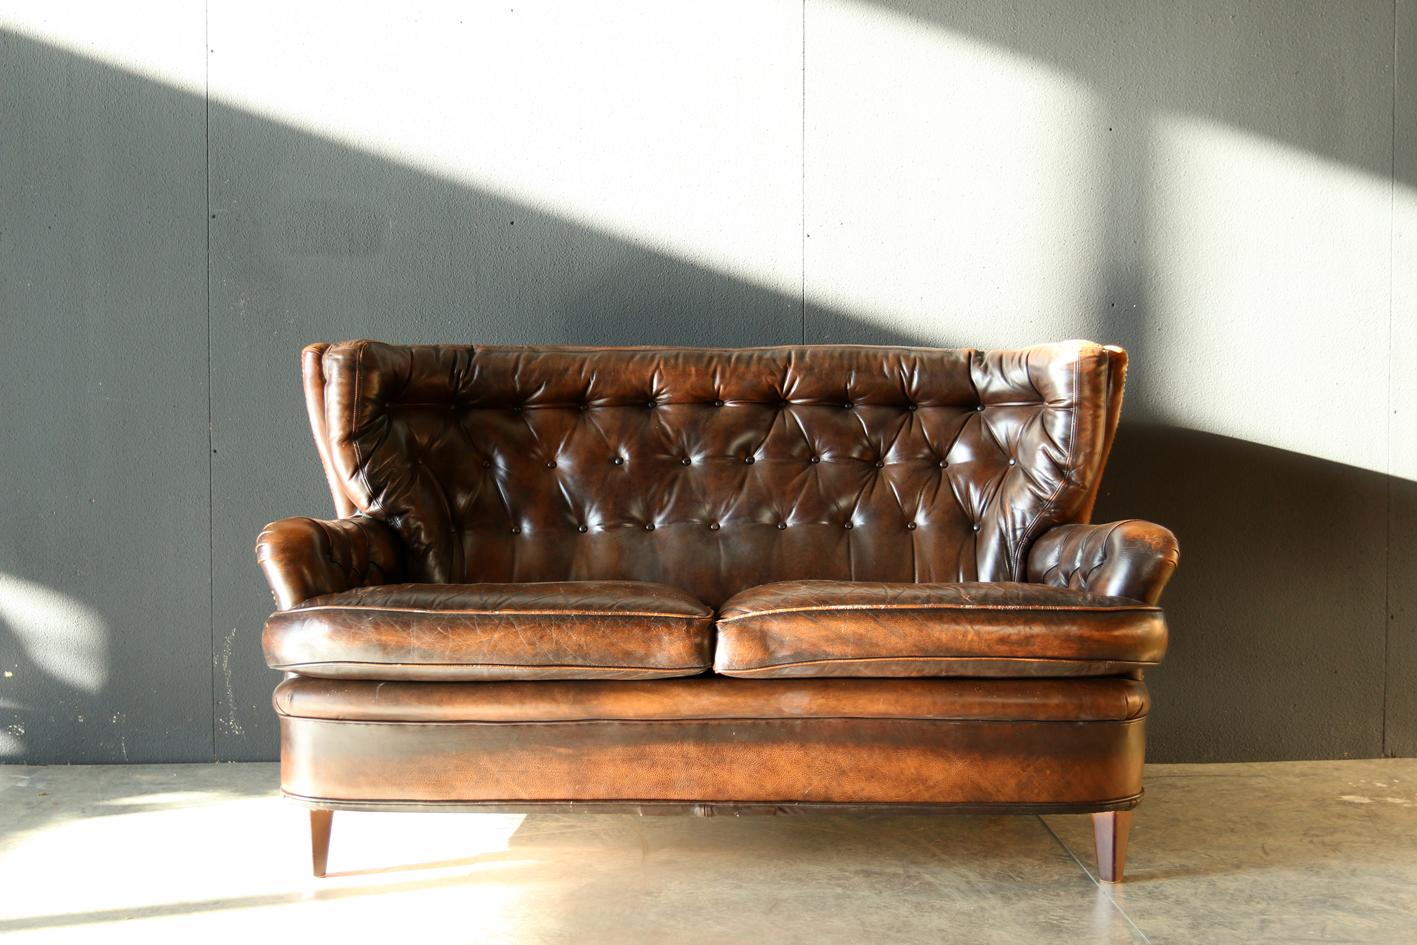 Leren Vintage Bank.Retro Vintage Leren Chesterfield Supervorm Bank Jaren 60